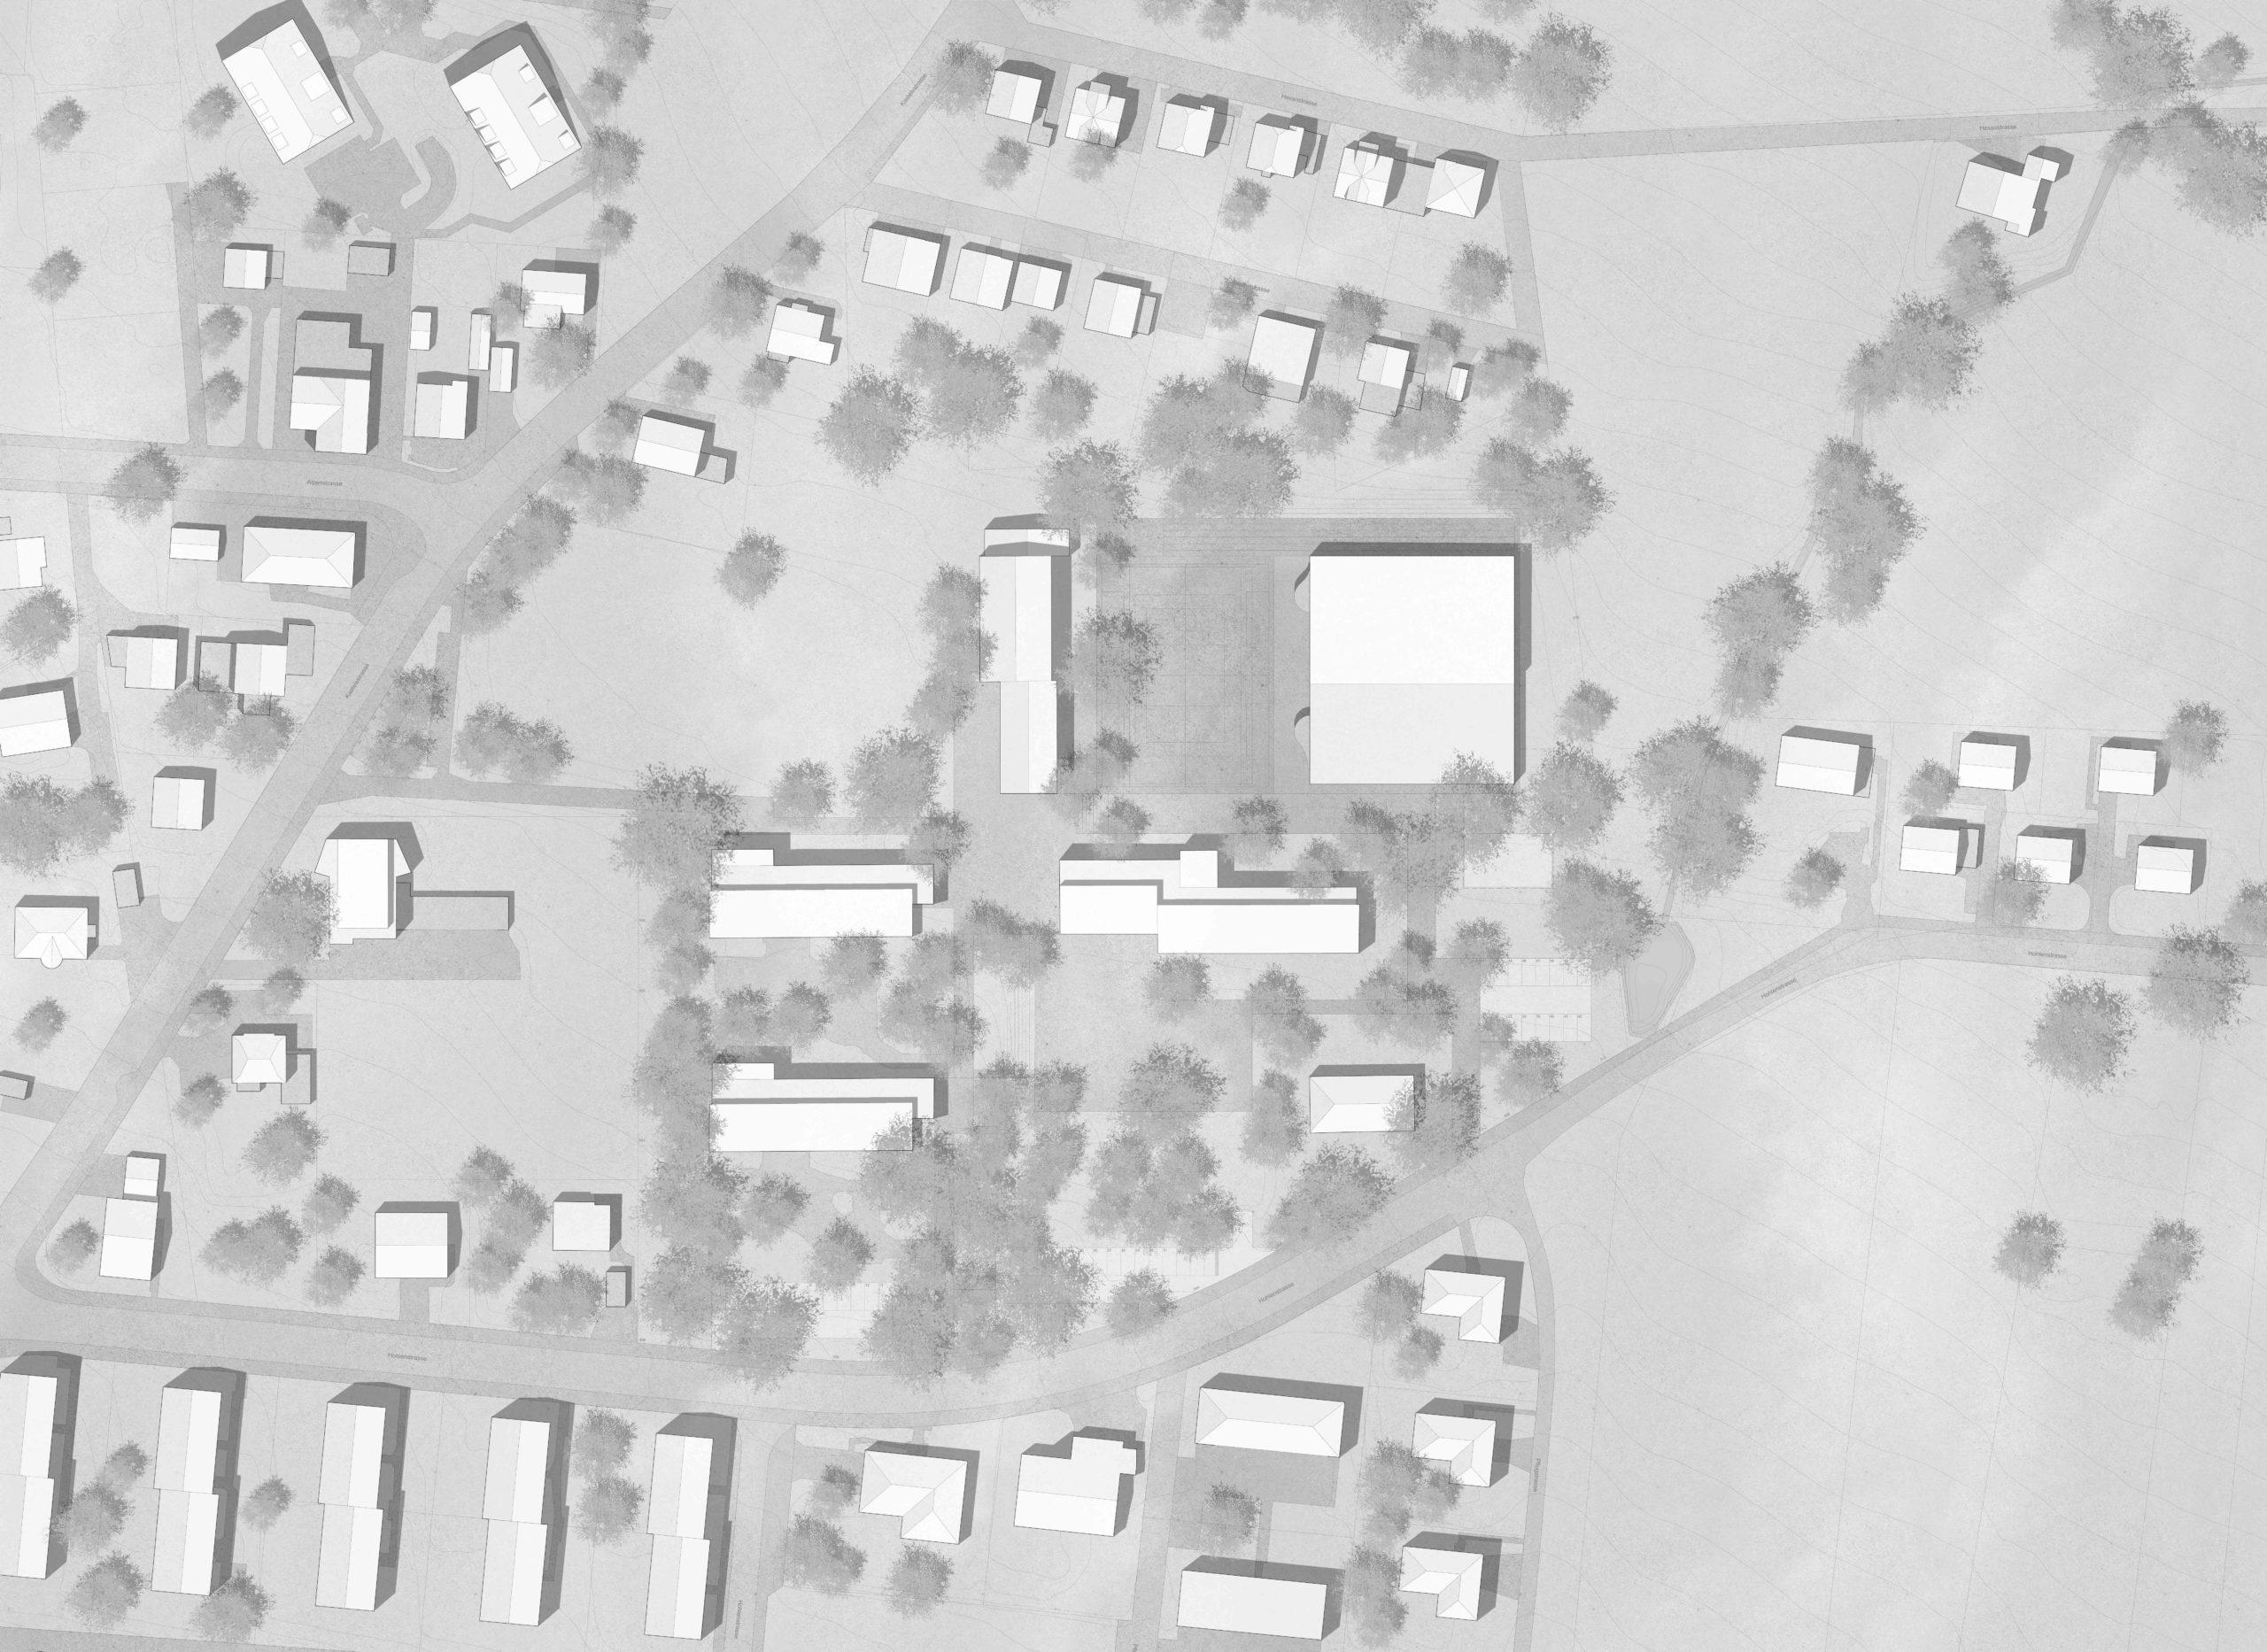 STUDIO CORNEL STAEHELI Schulraumerweiterung und Neubau Doppelturnhalle SH Kastels Situation